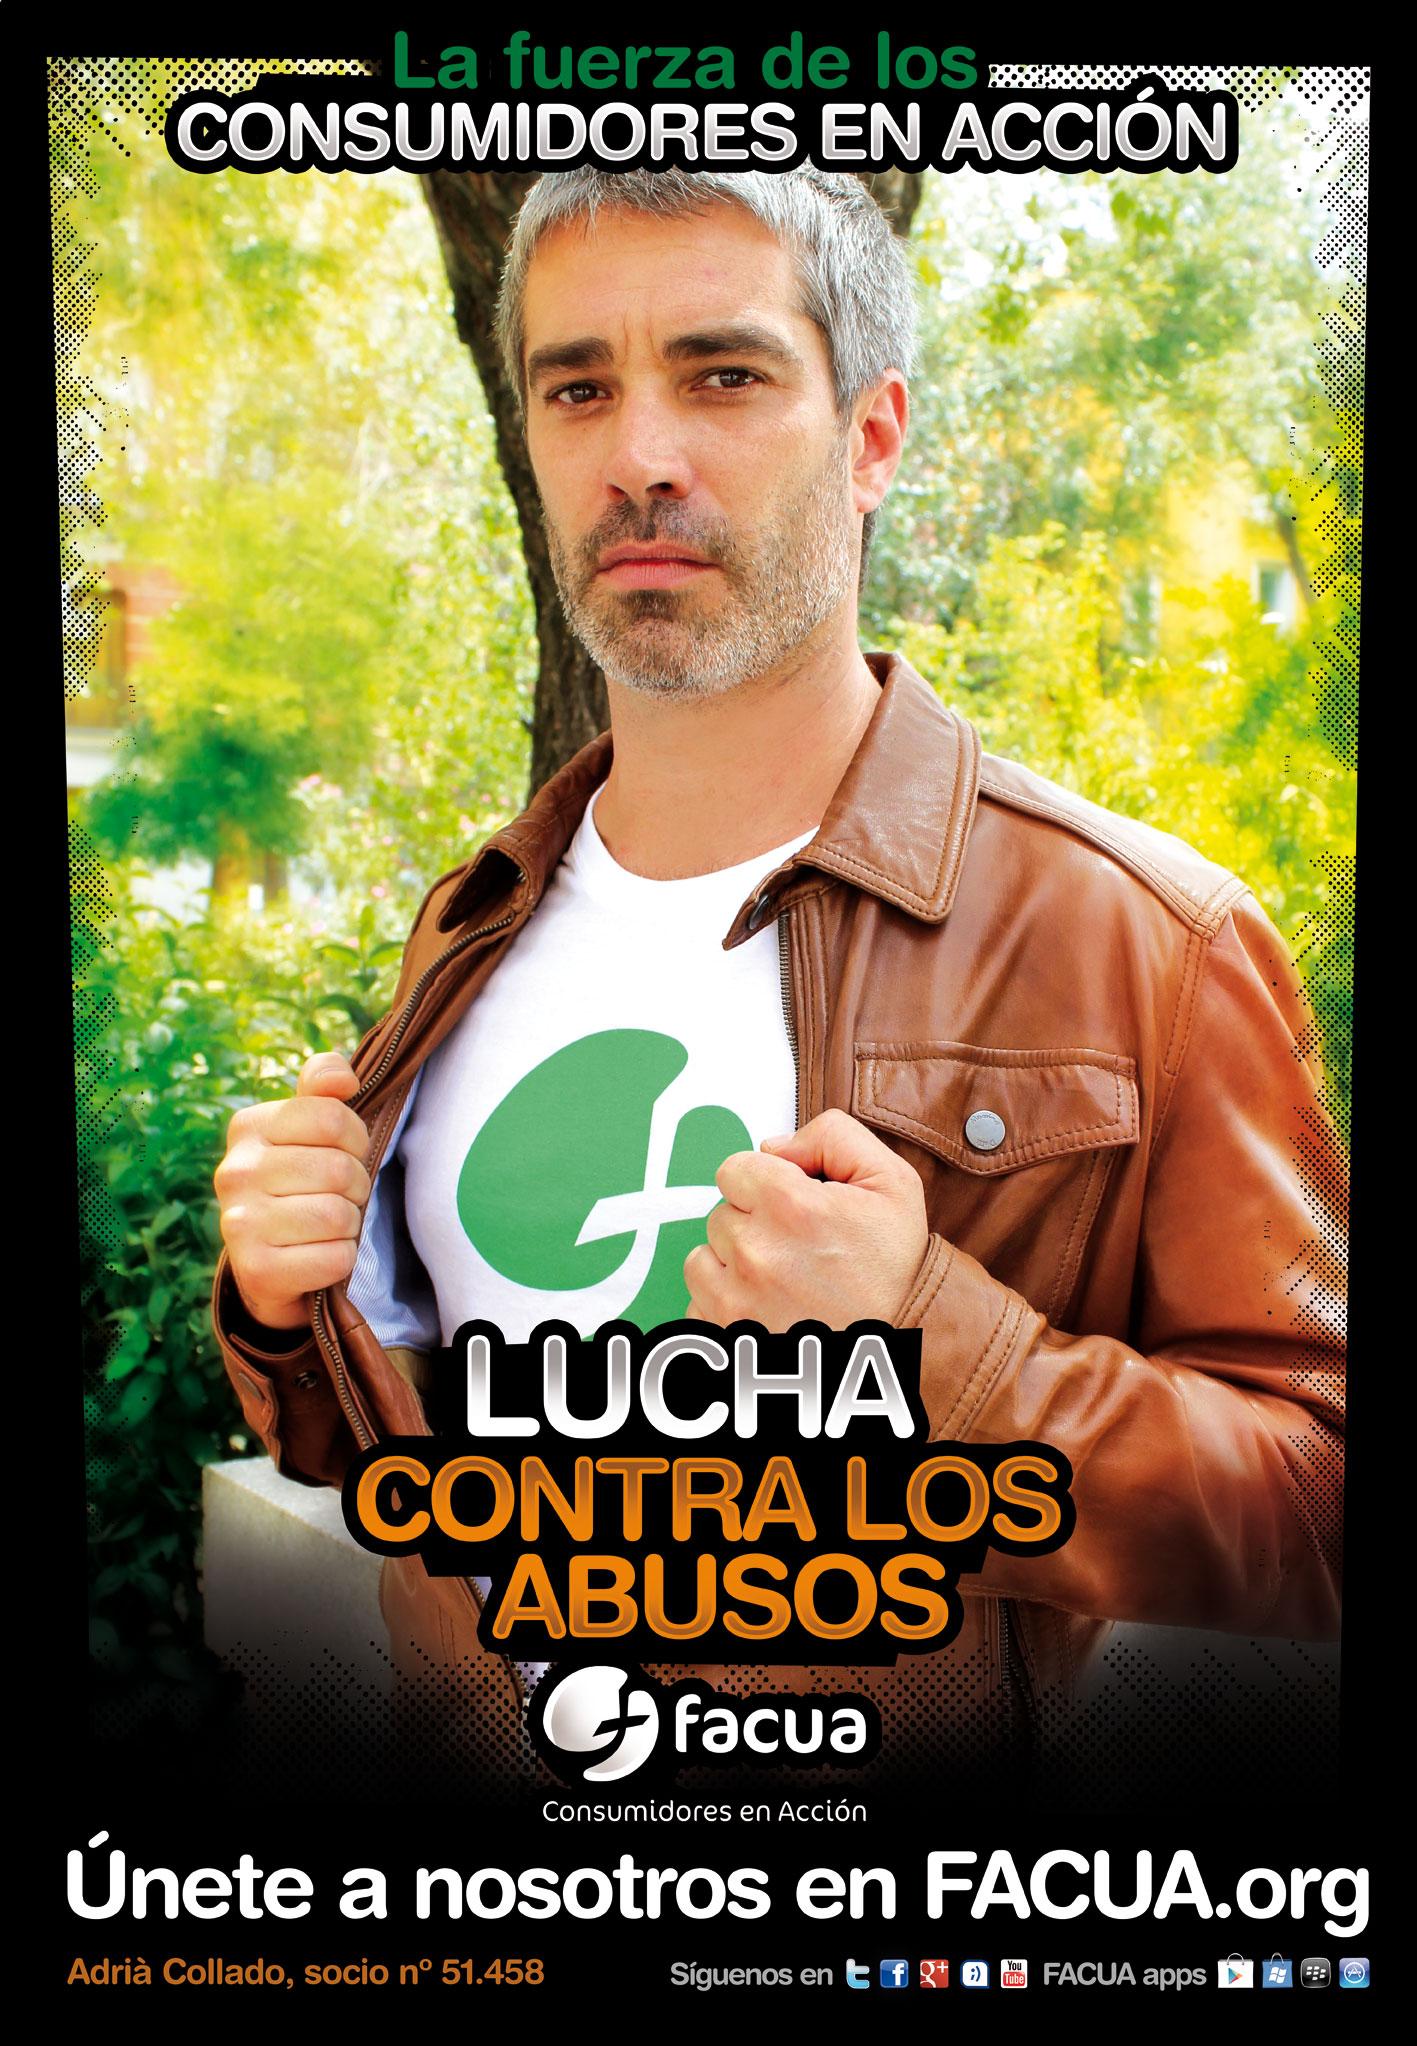 ¿Sabes que Adrià Collado es socio de FACUA? Es uno de los #consumidoresenacción